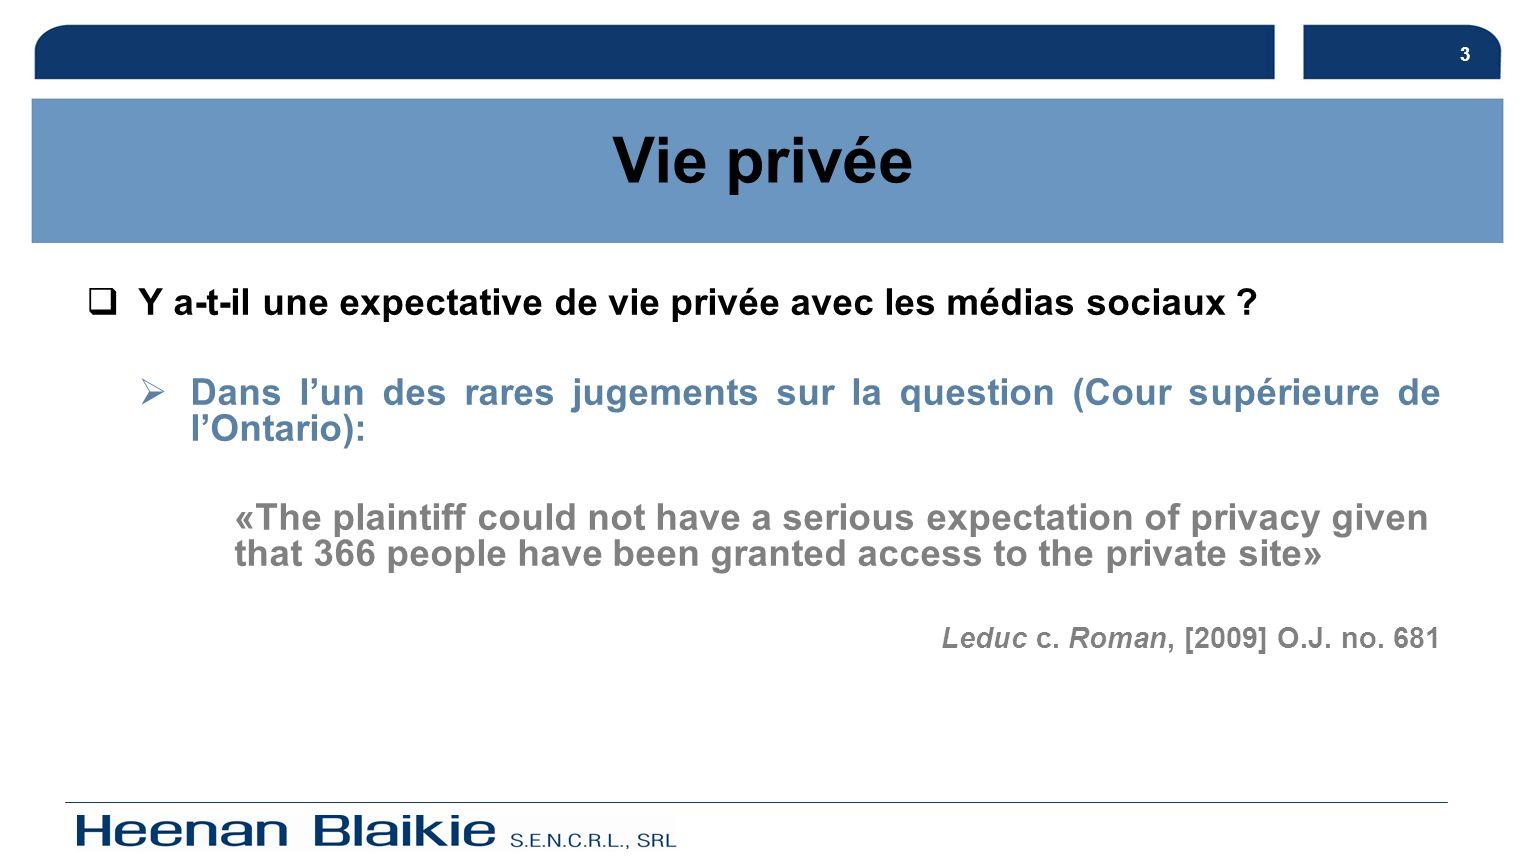 3 Vie privée. Y a-t-il une expectative de vie privée avec les médias sociaux